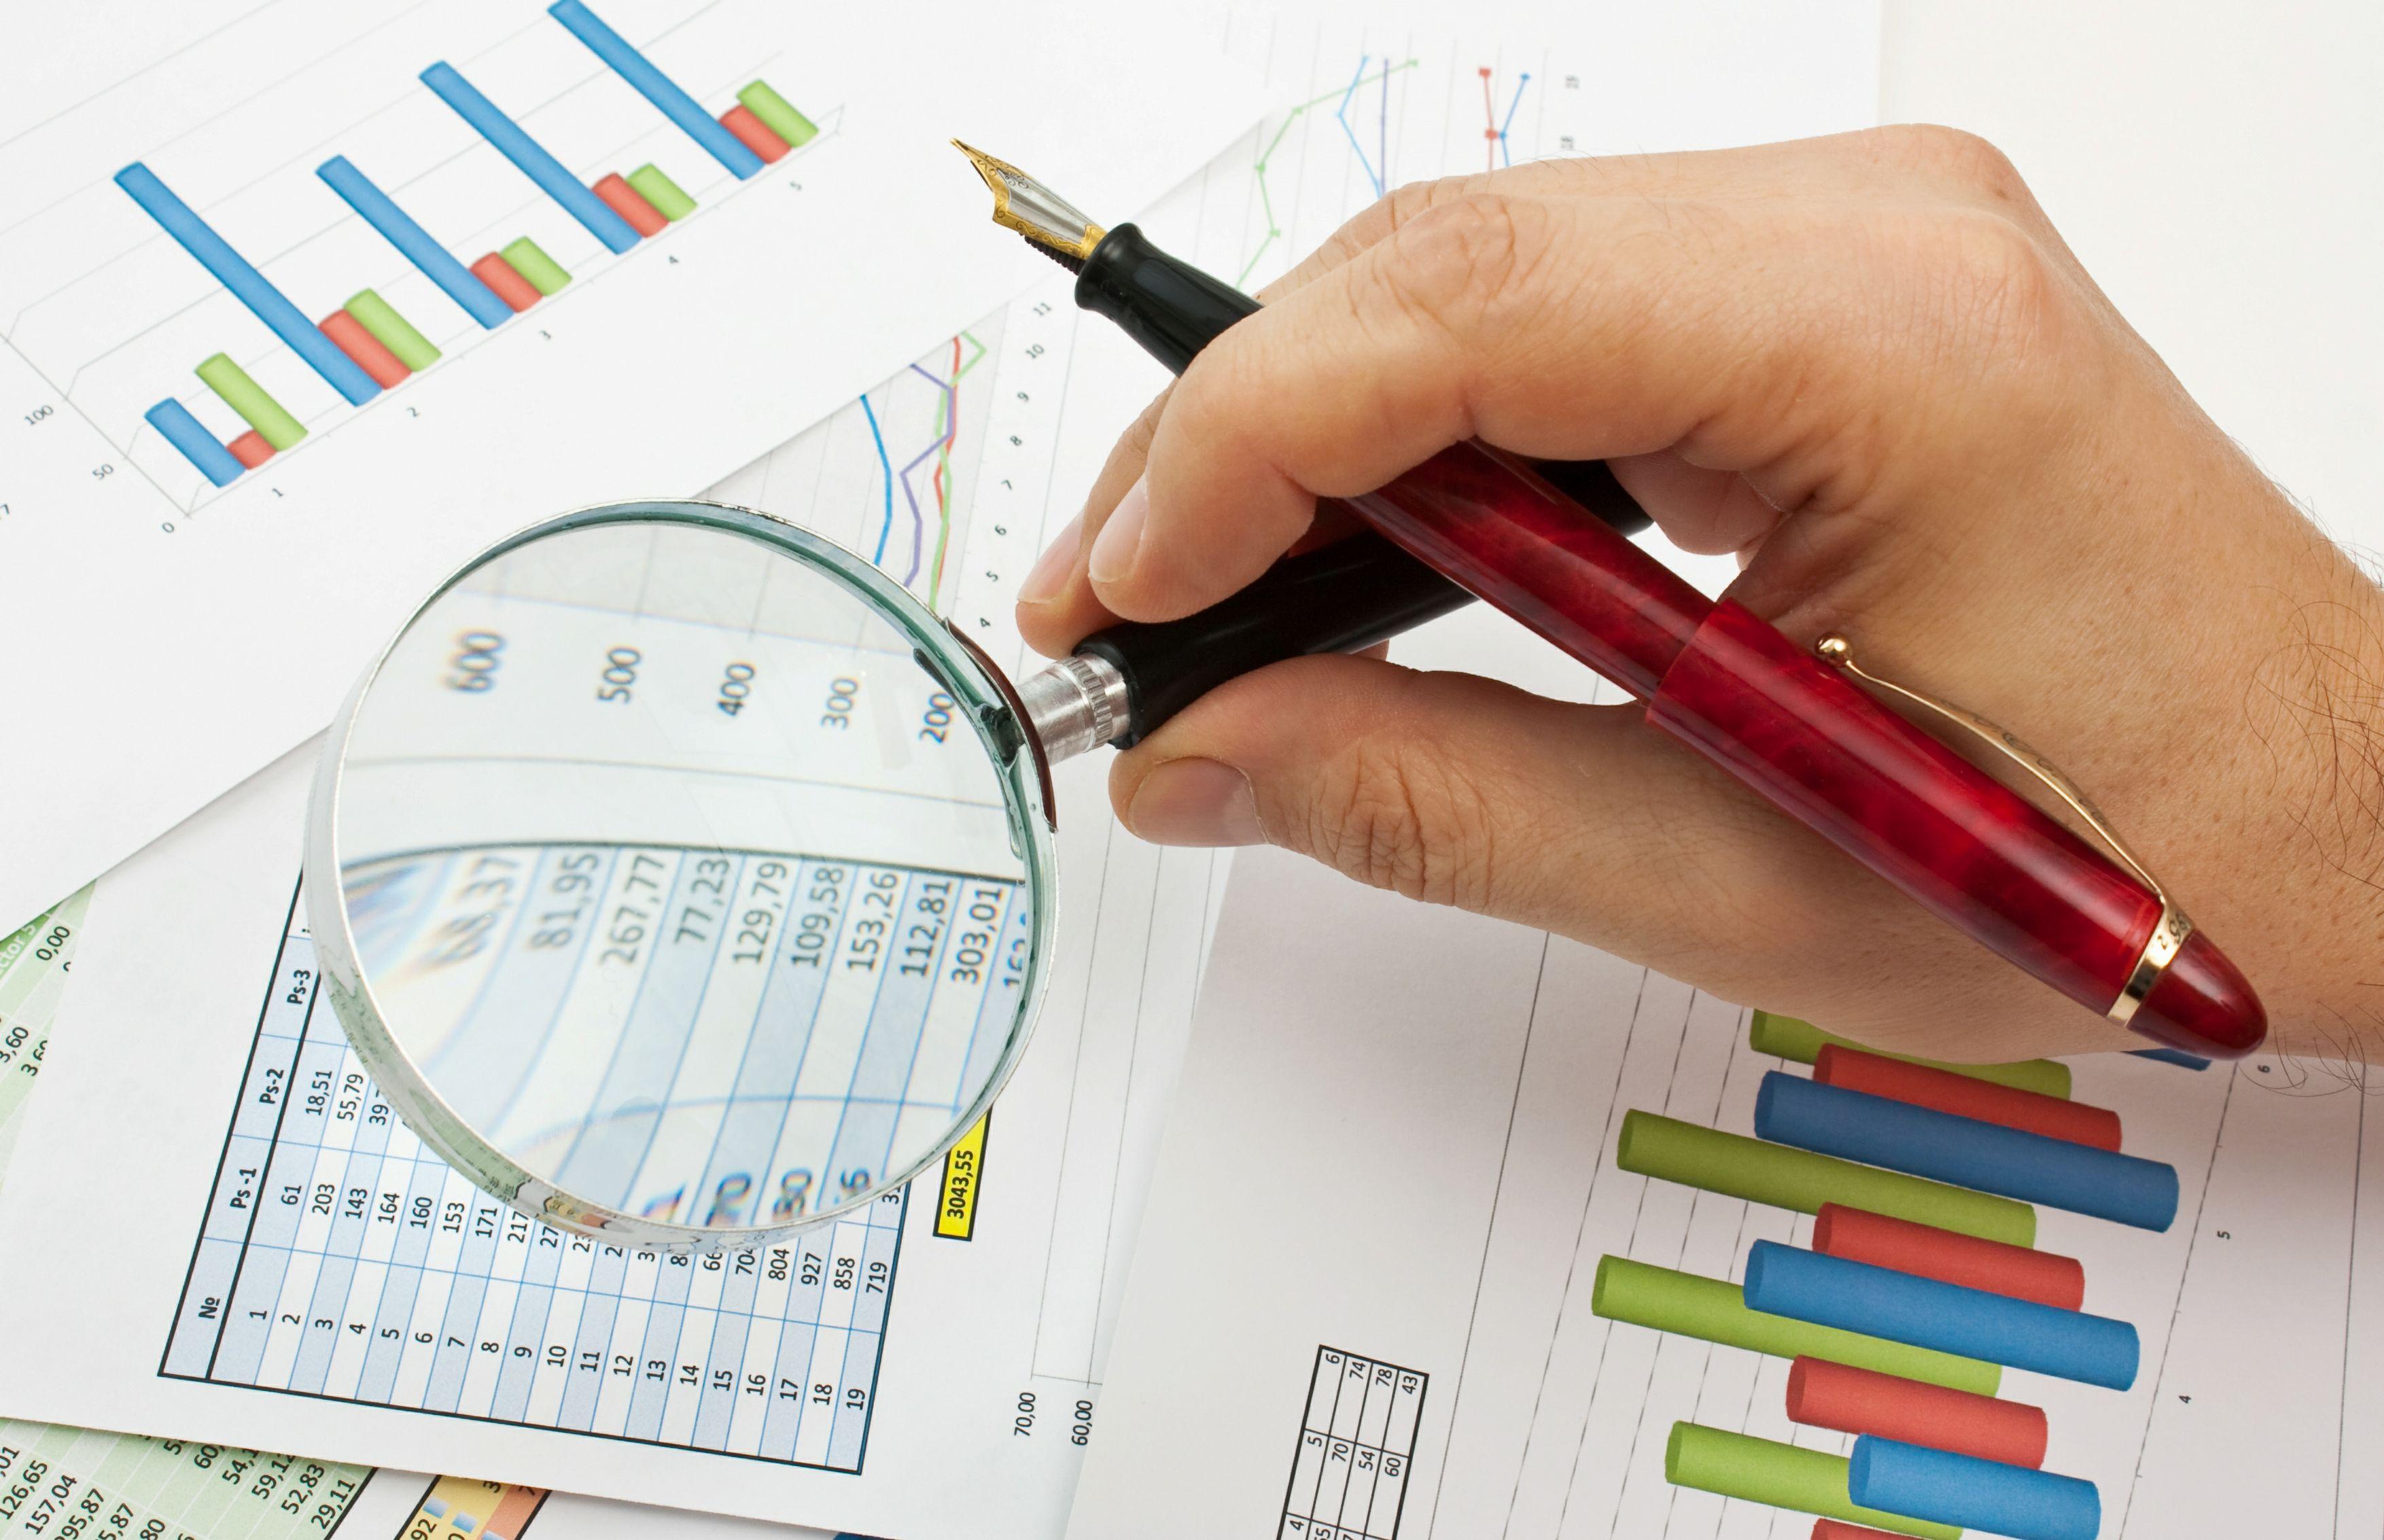 格隆汇港股聚焦(11.05)︱碧桂园10月权益销售金额增逾四成  融创中国10月销售额达644.3亿元